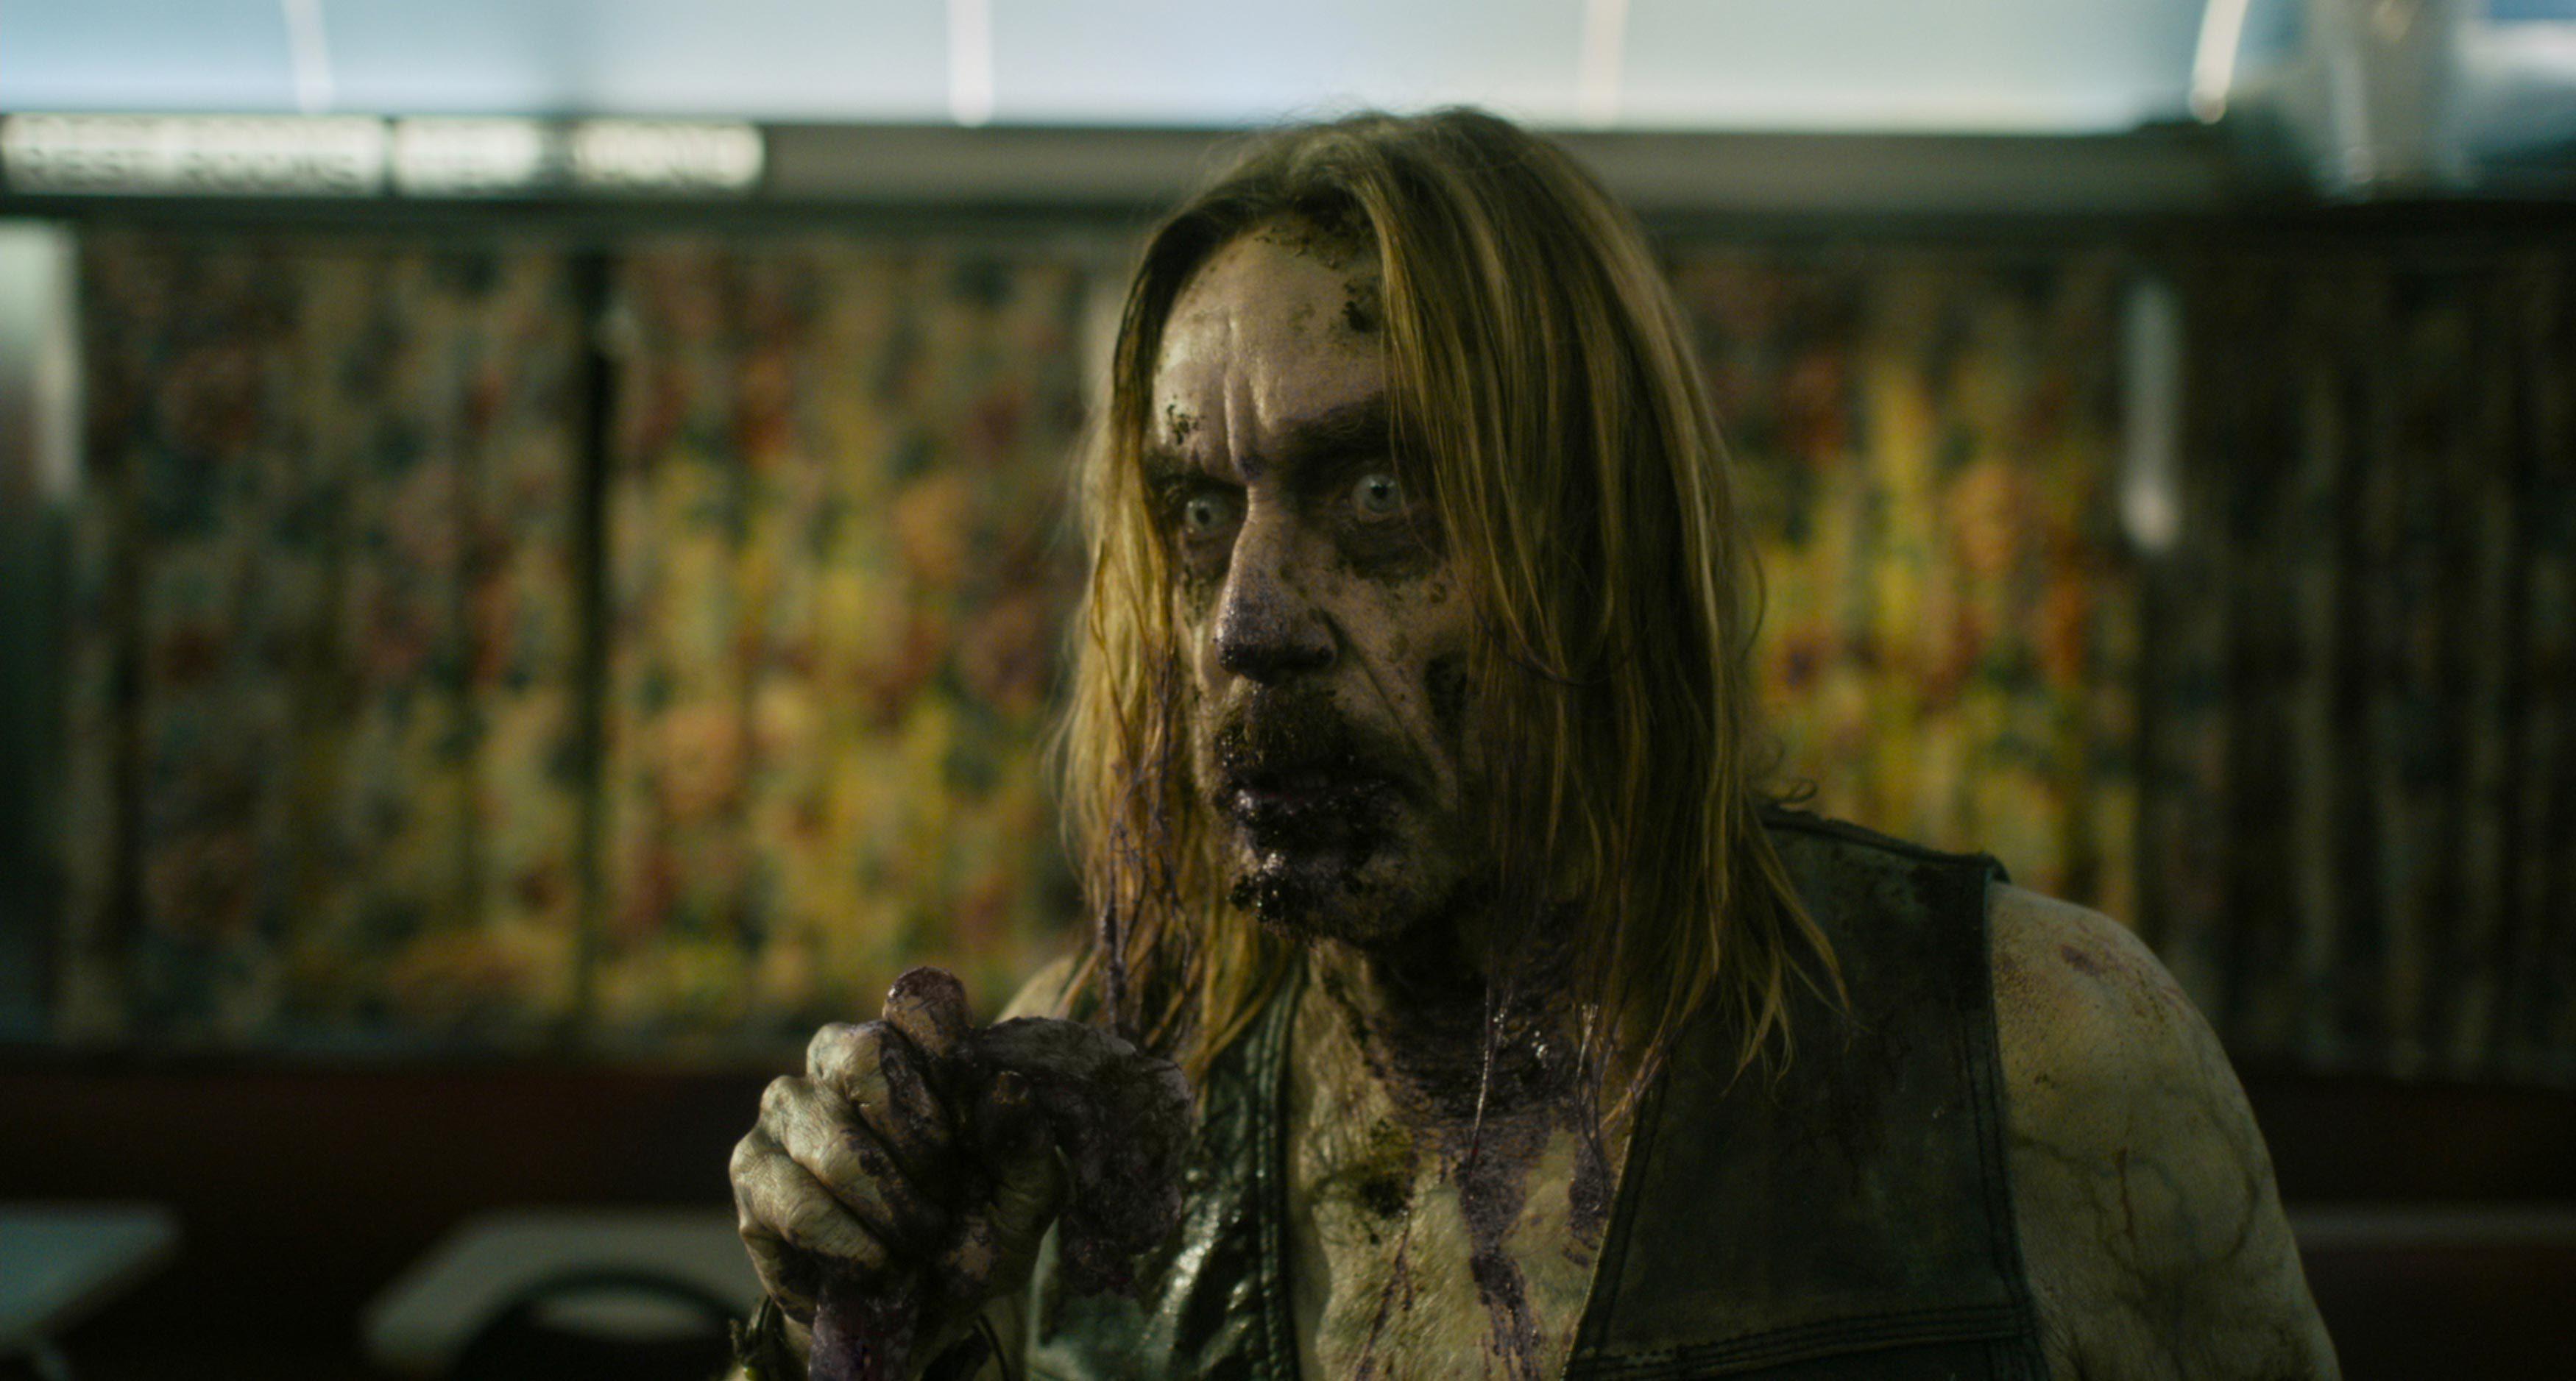 Film à voir : Les morts ne meurent pas (The Dead Don't Die)